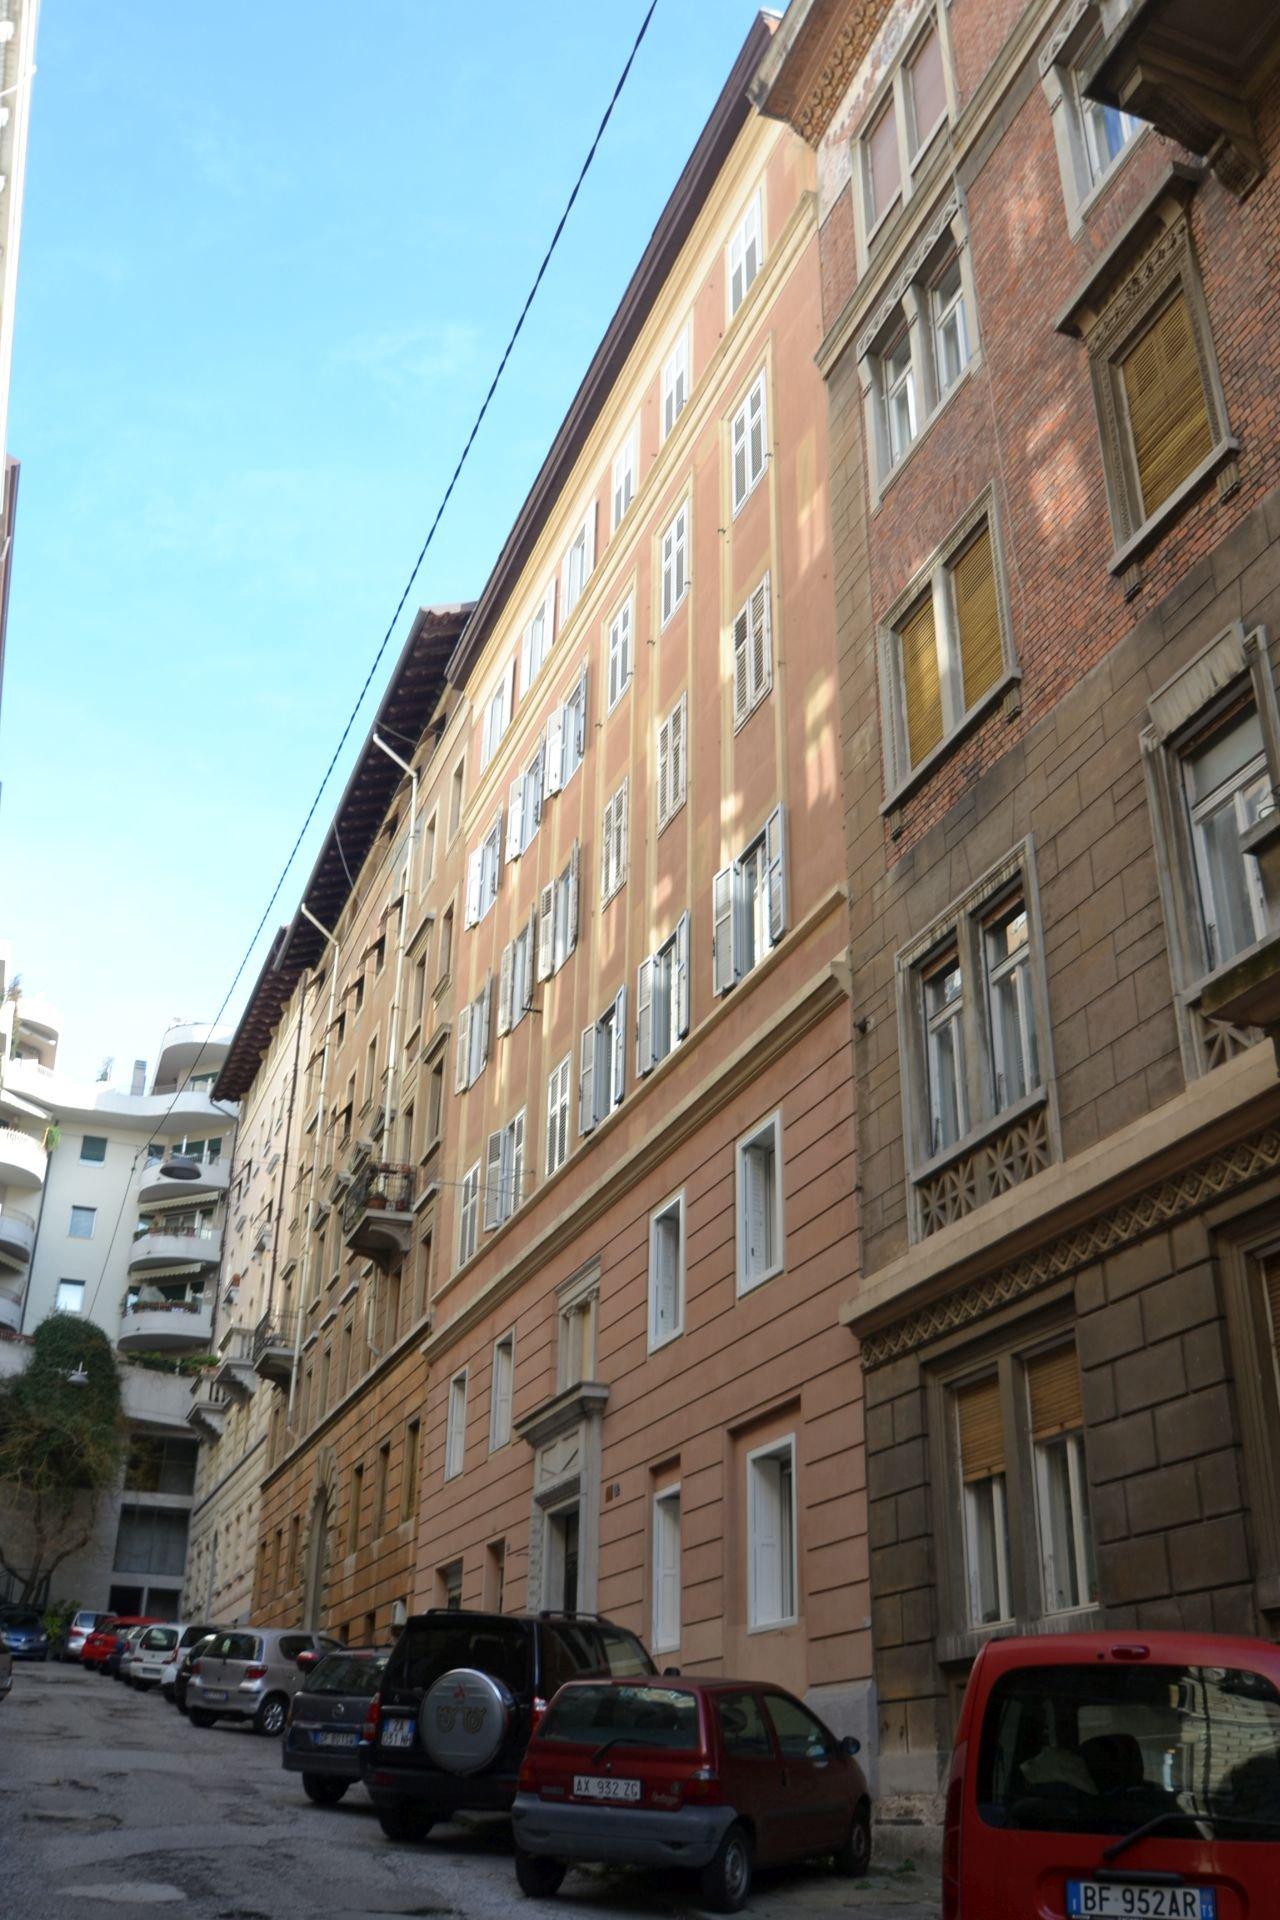 Vendita appartamenti trieste agenzia immobiliare casaffari for Appartamenti trieste